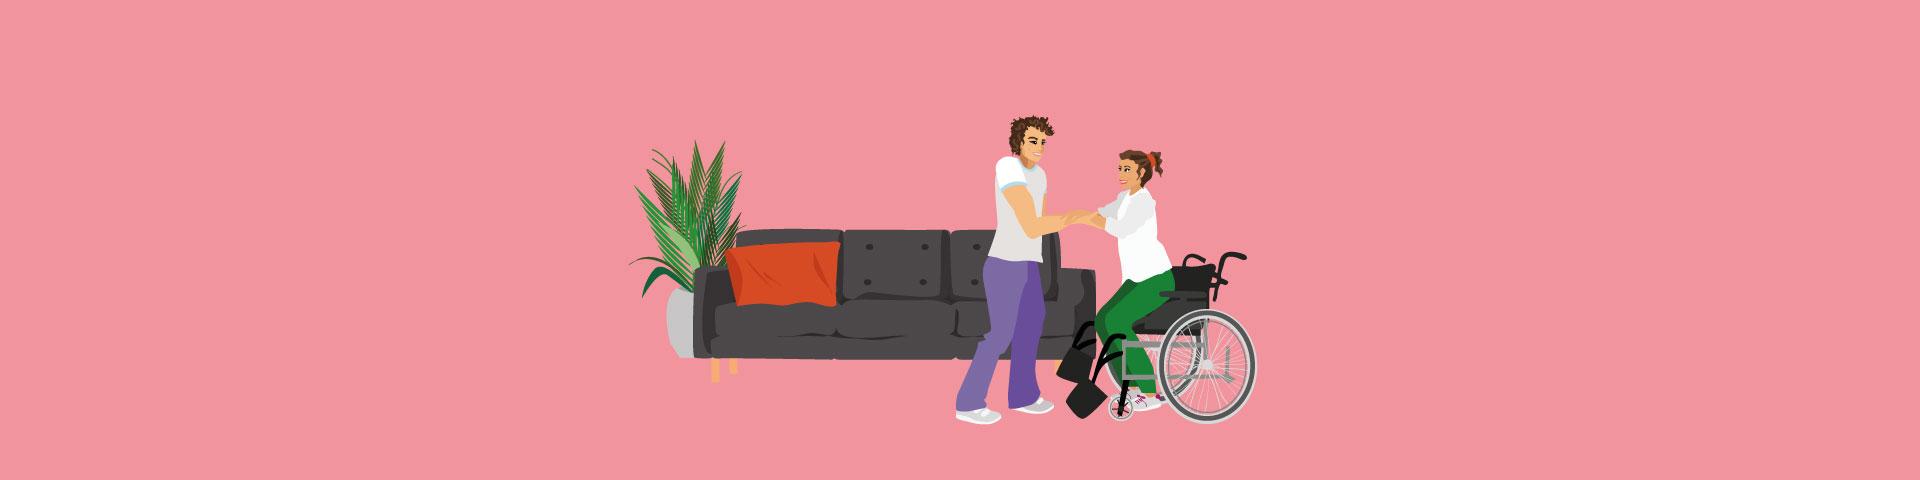 Assistance handicap